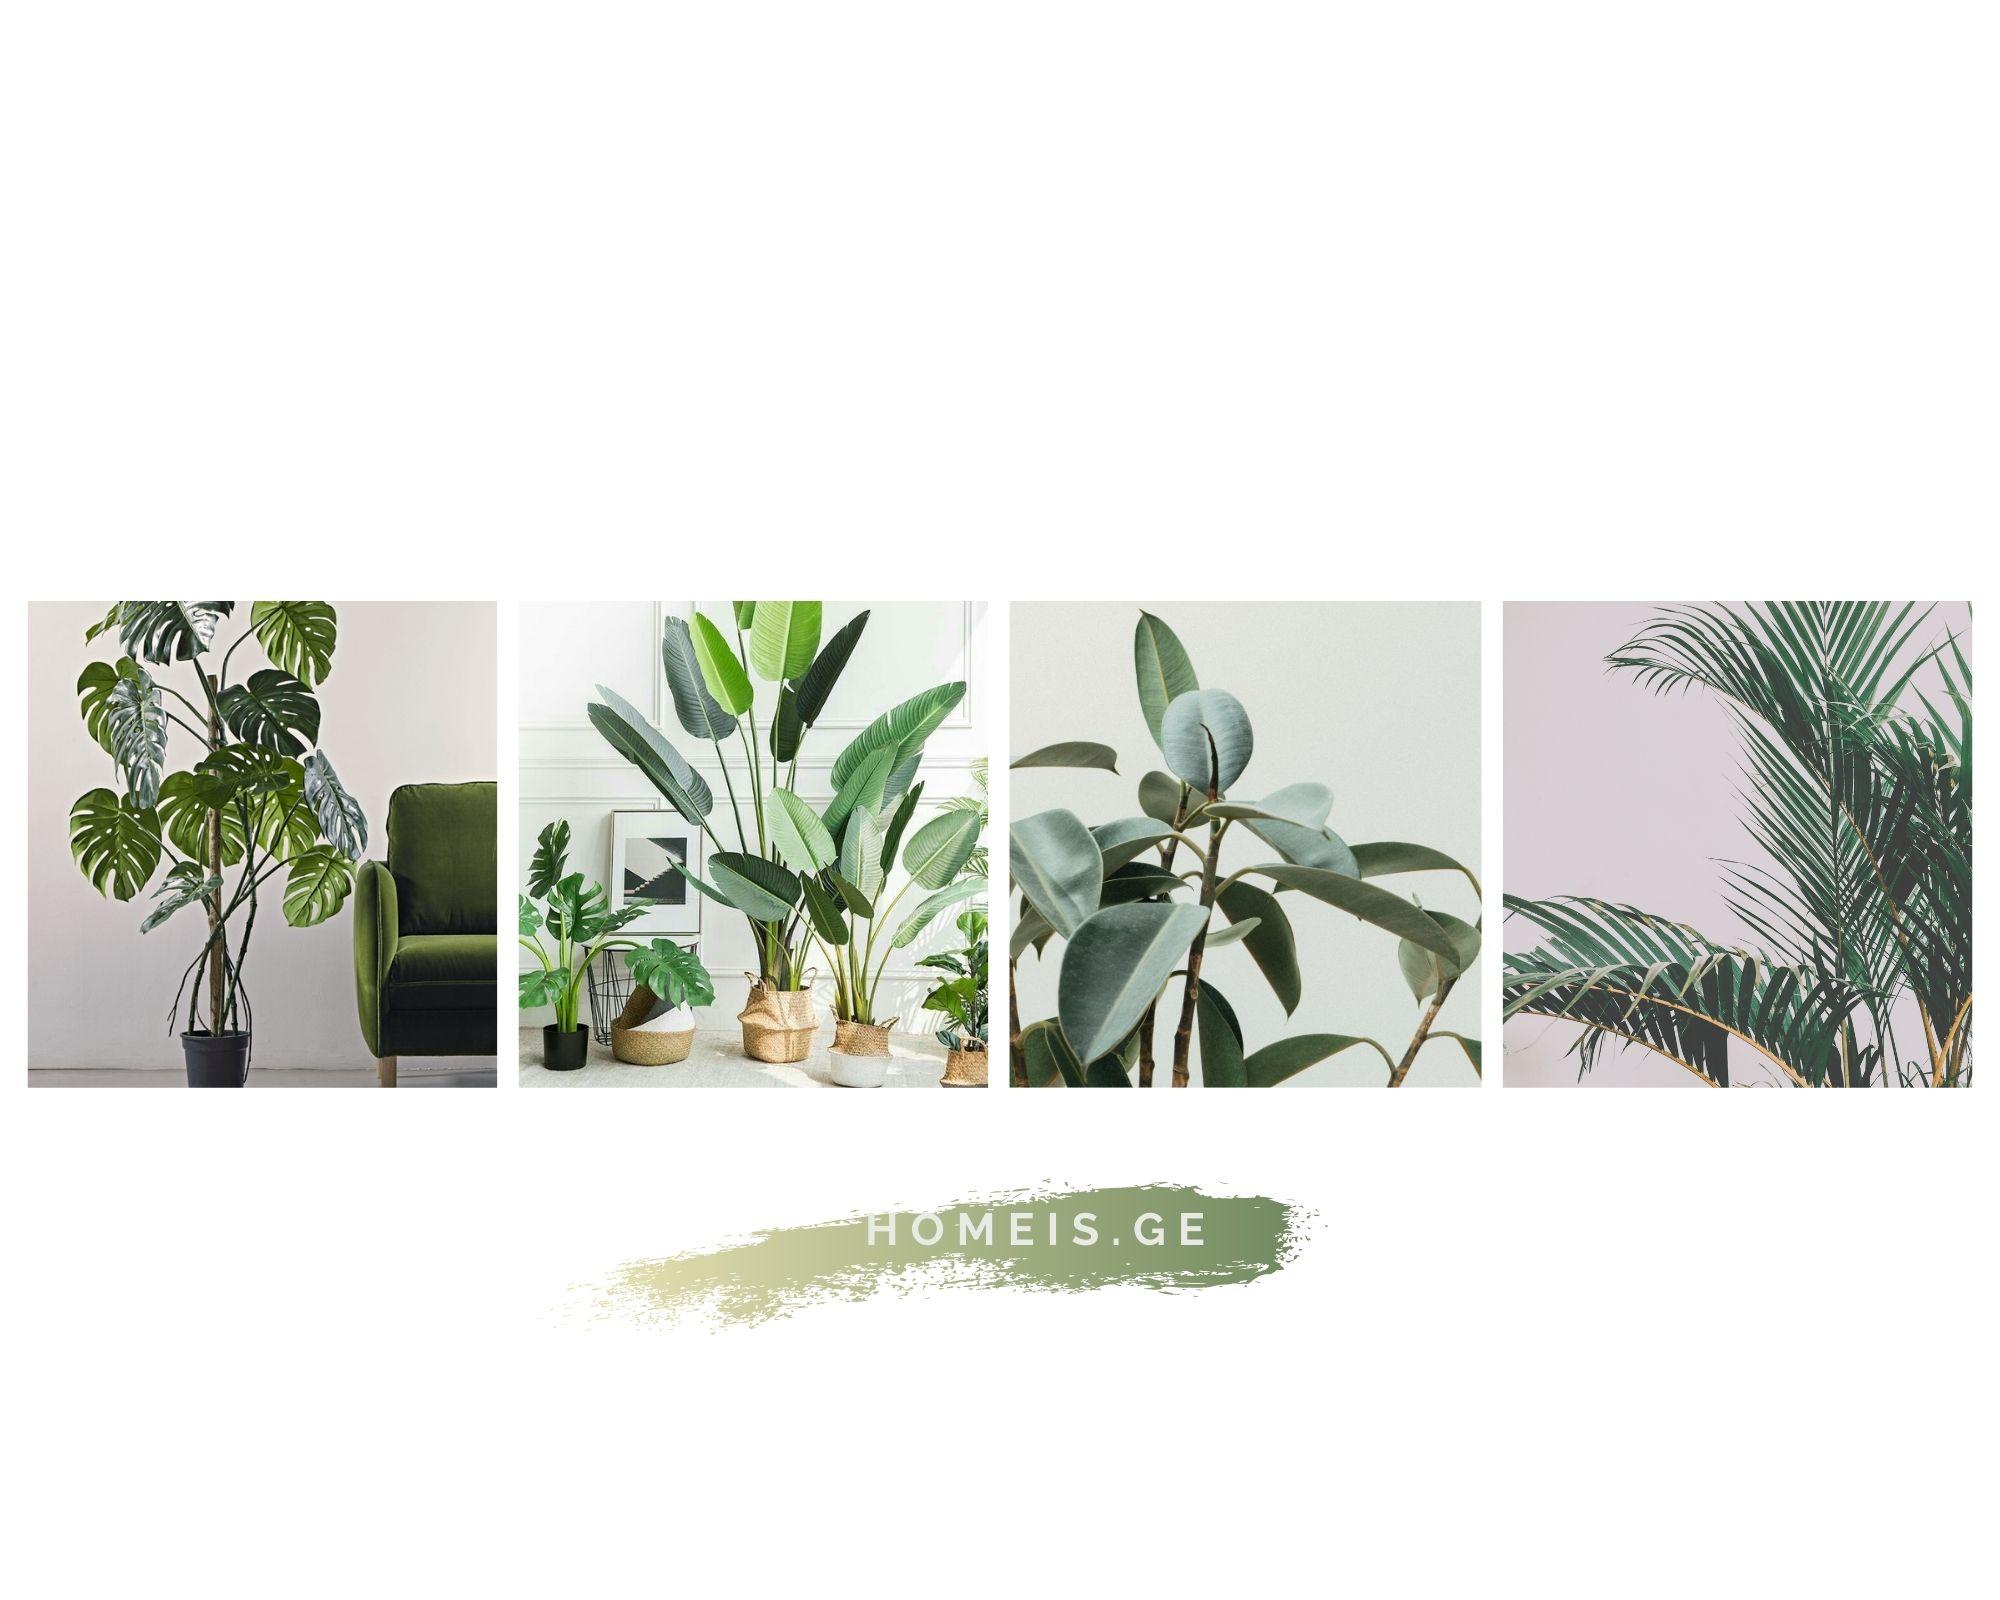 3 ადგილი თბილისში, სადაც ოთახის მცენარეებს დისტანციურად შეიძენთ